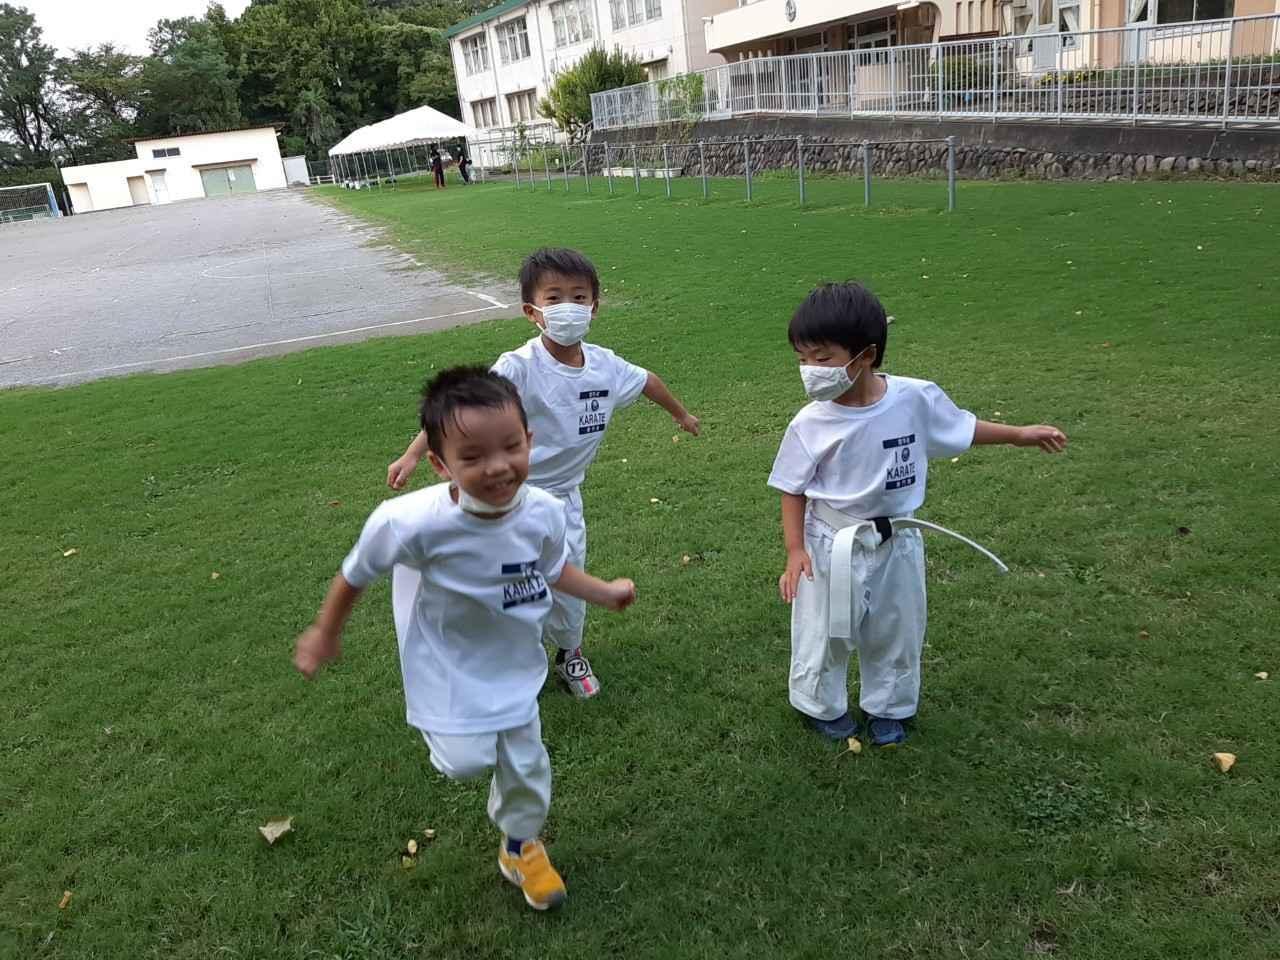 町田市鶴川空手クラブ 3歳からの空手クラブ